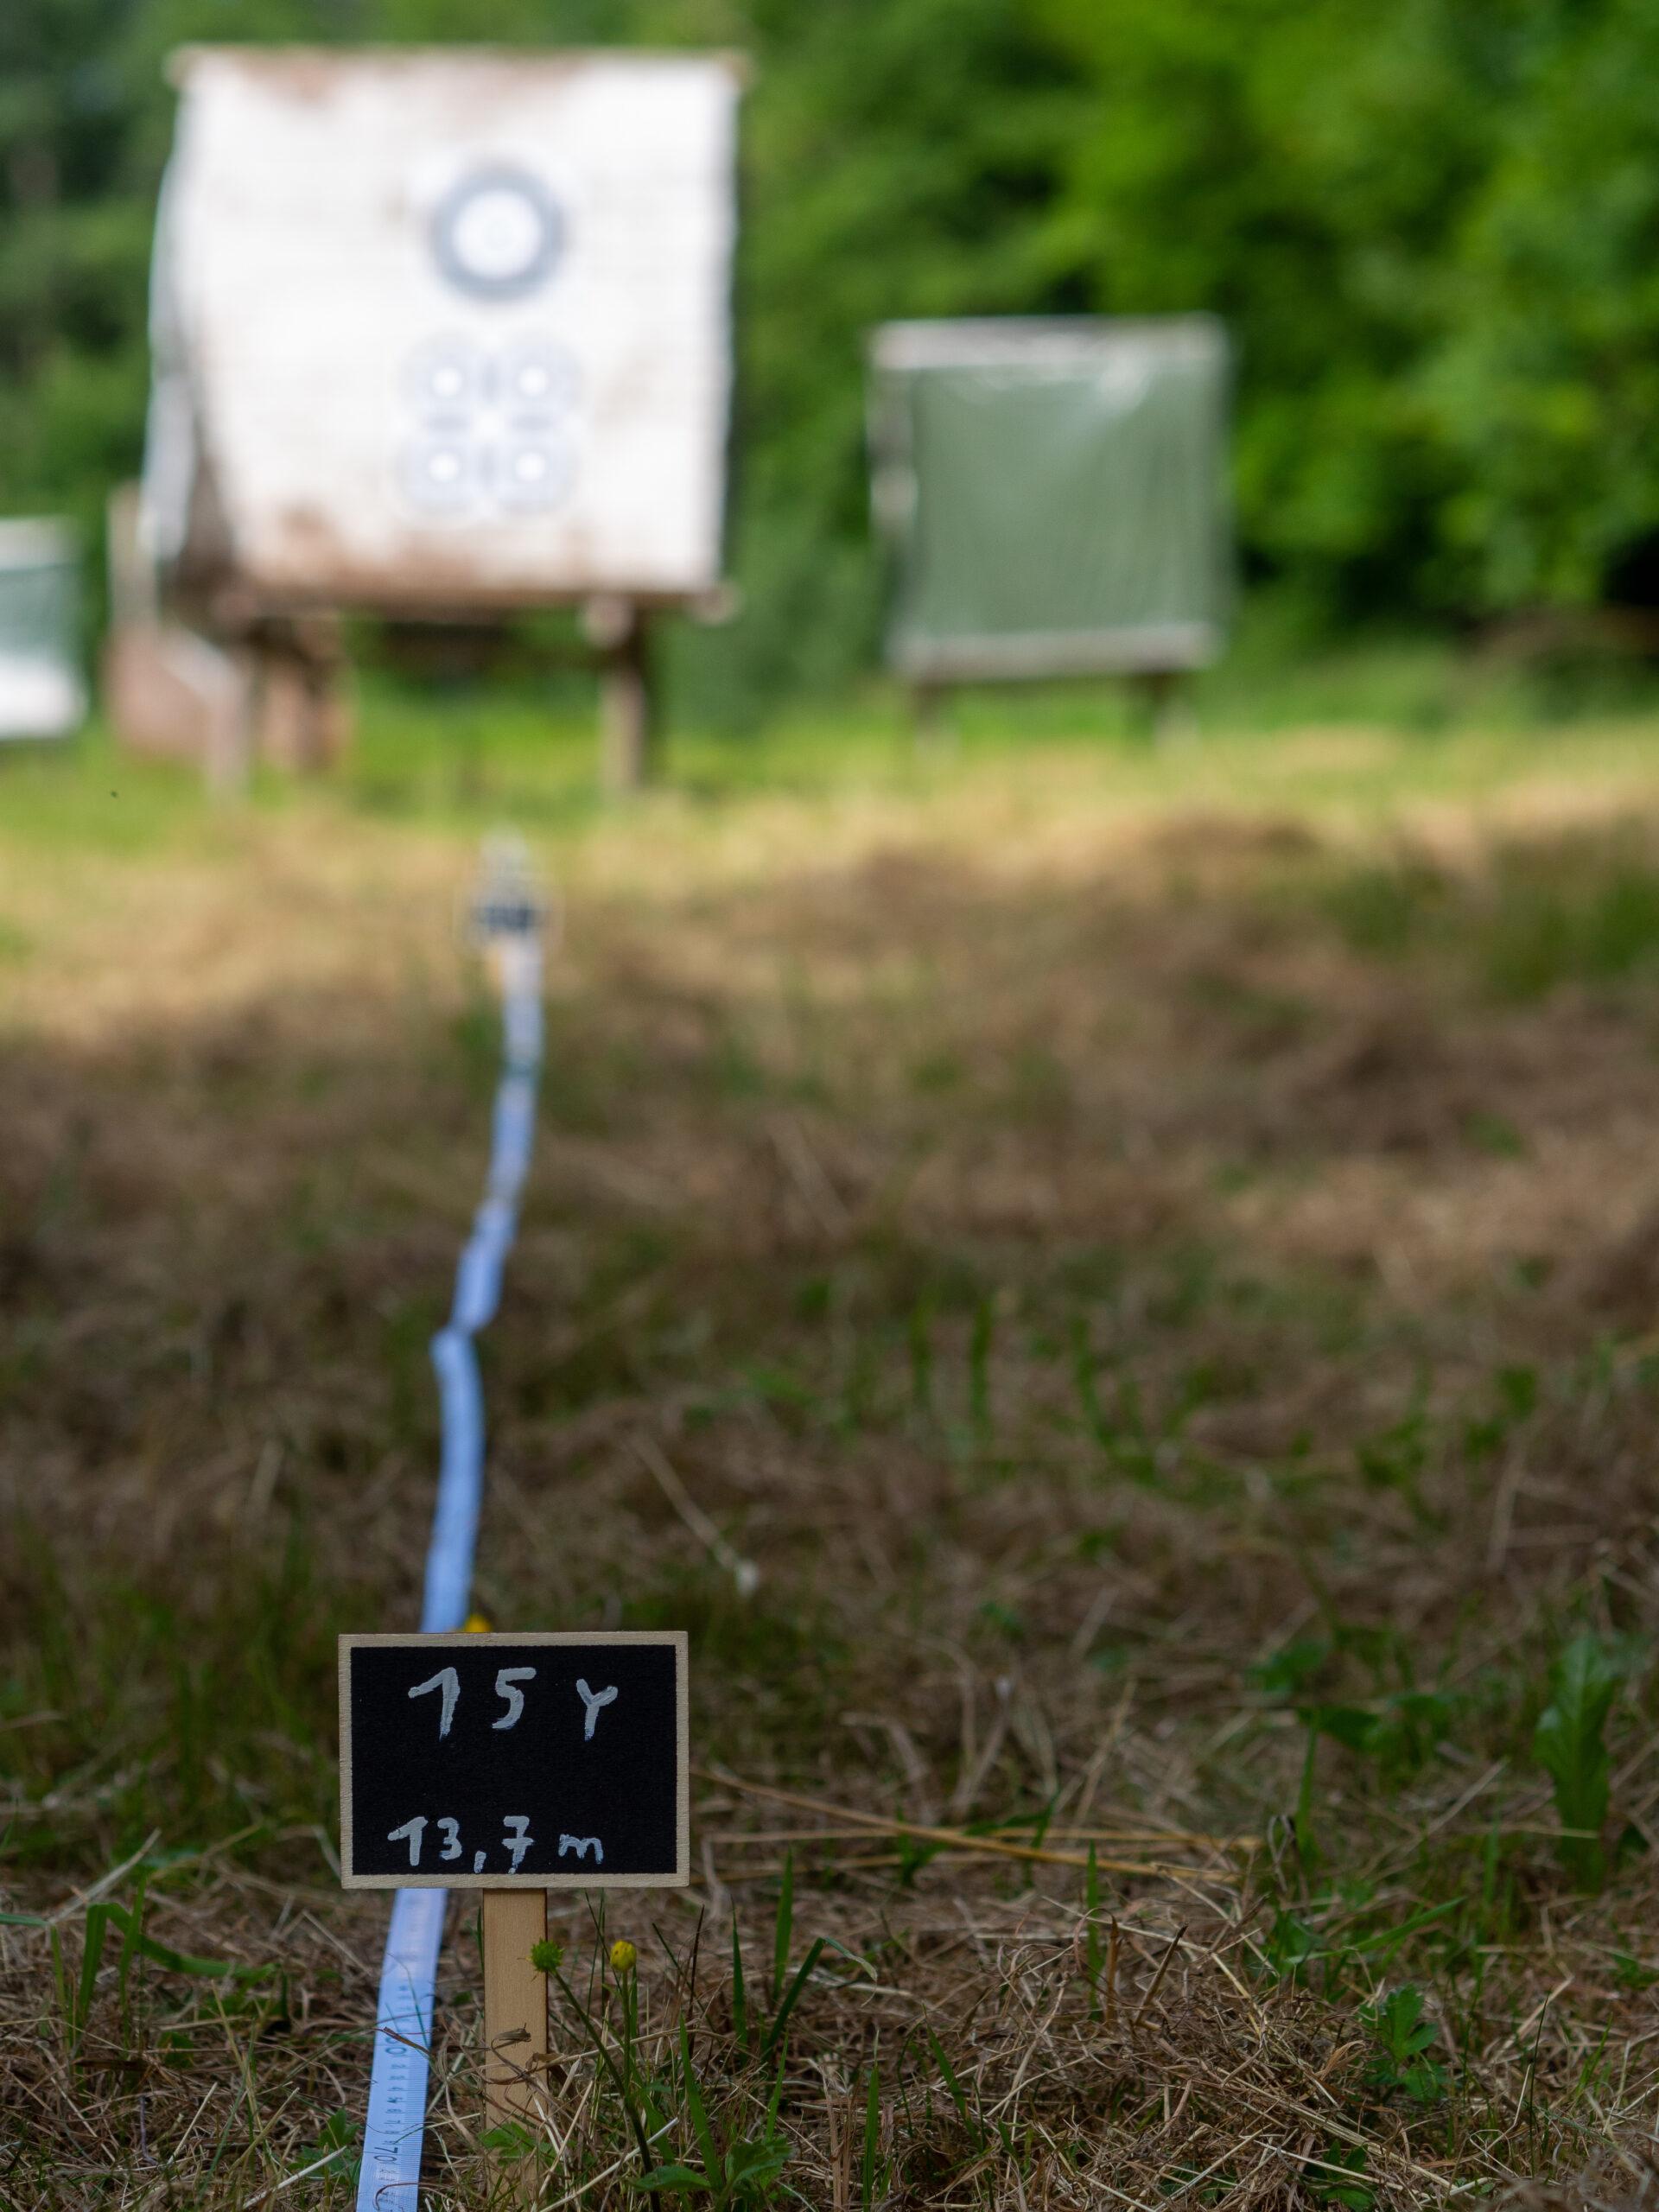 Entfernungsmarkierung für Bogenschützen und eine Zielscheibe.